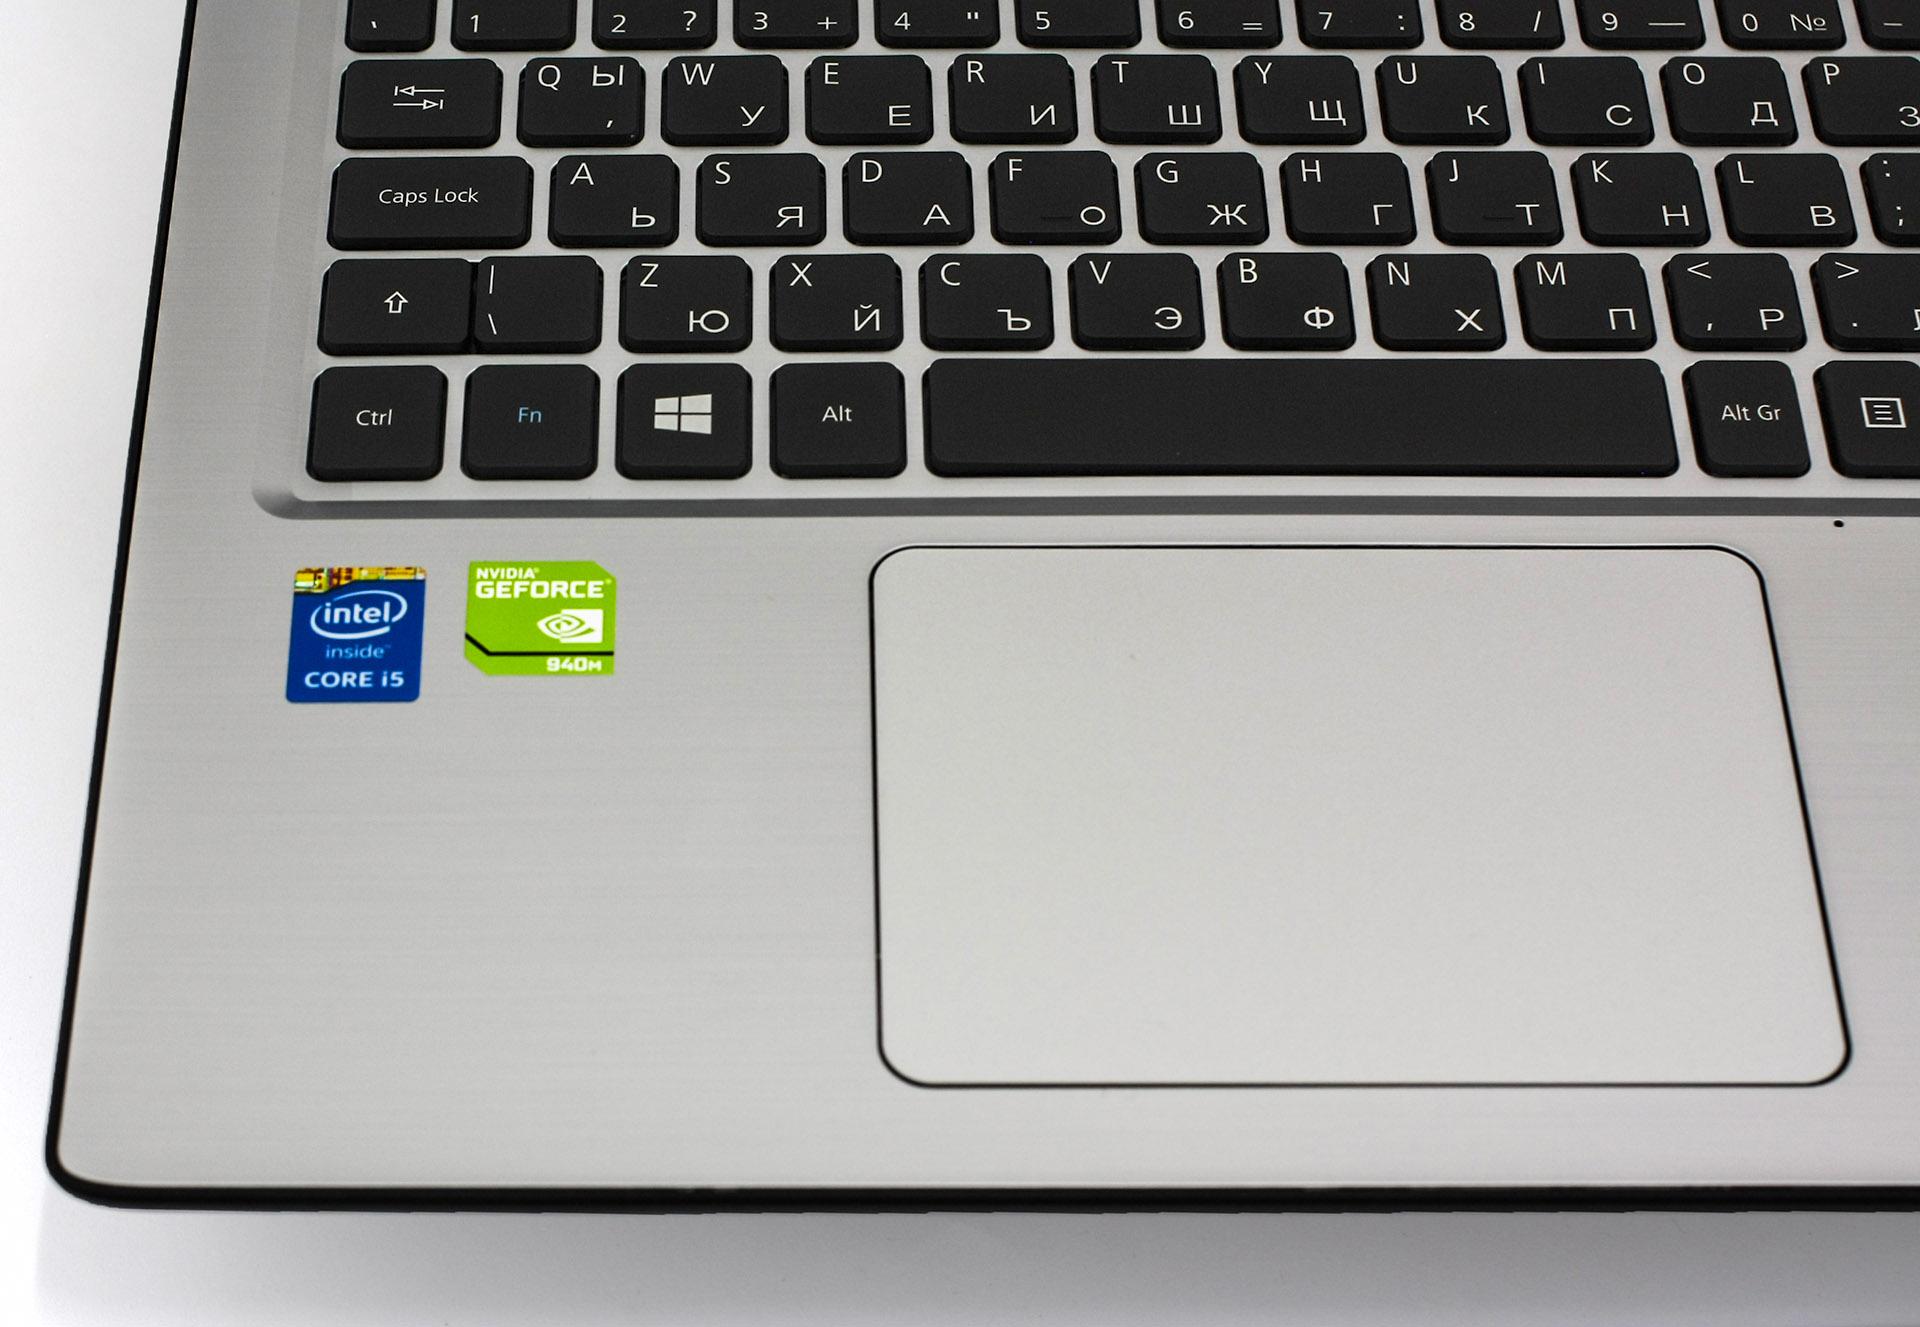 Acer Aspire V3-574 NVIDIA Graphics Drivers for Windows Mac